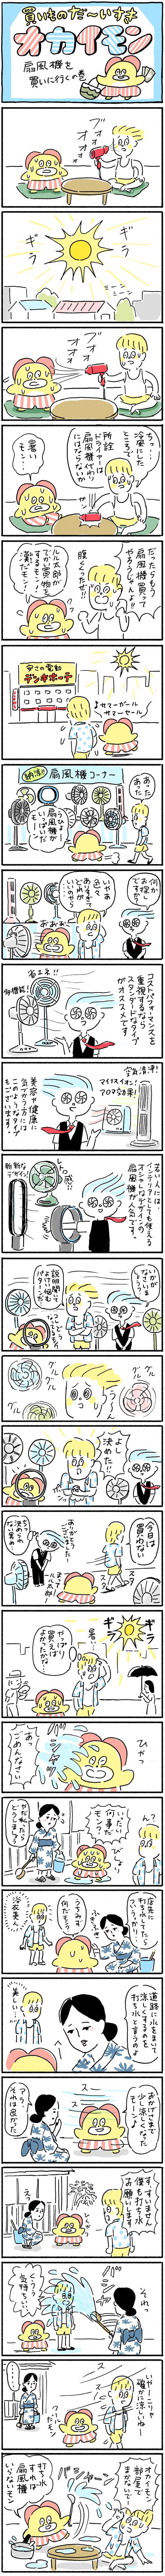 オカイモン「扇風機を買いに行くの巻」